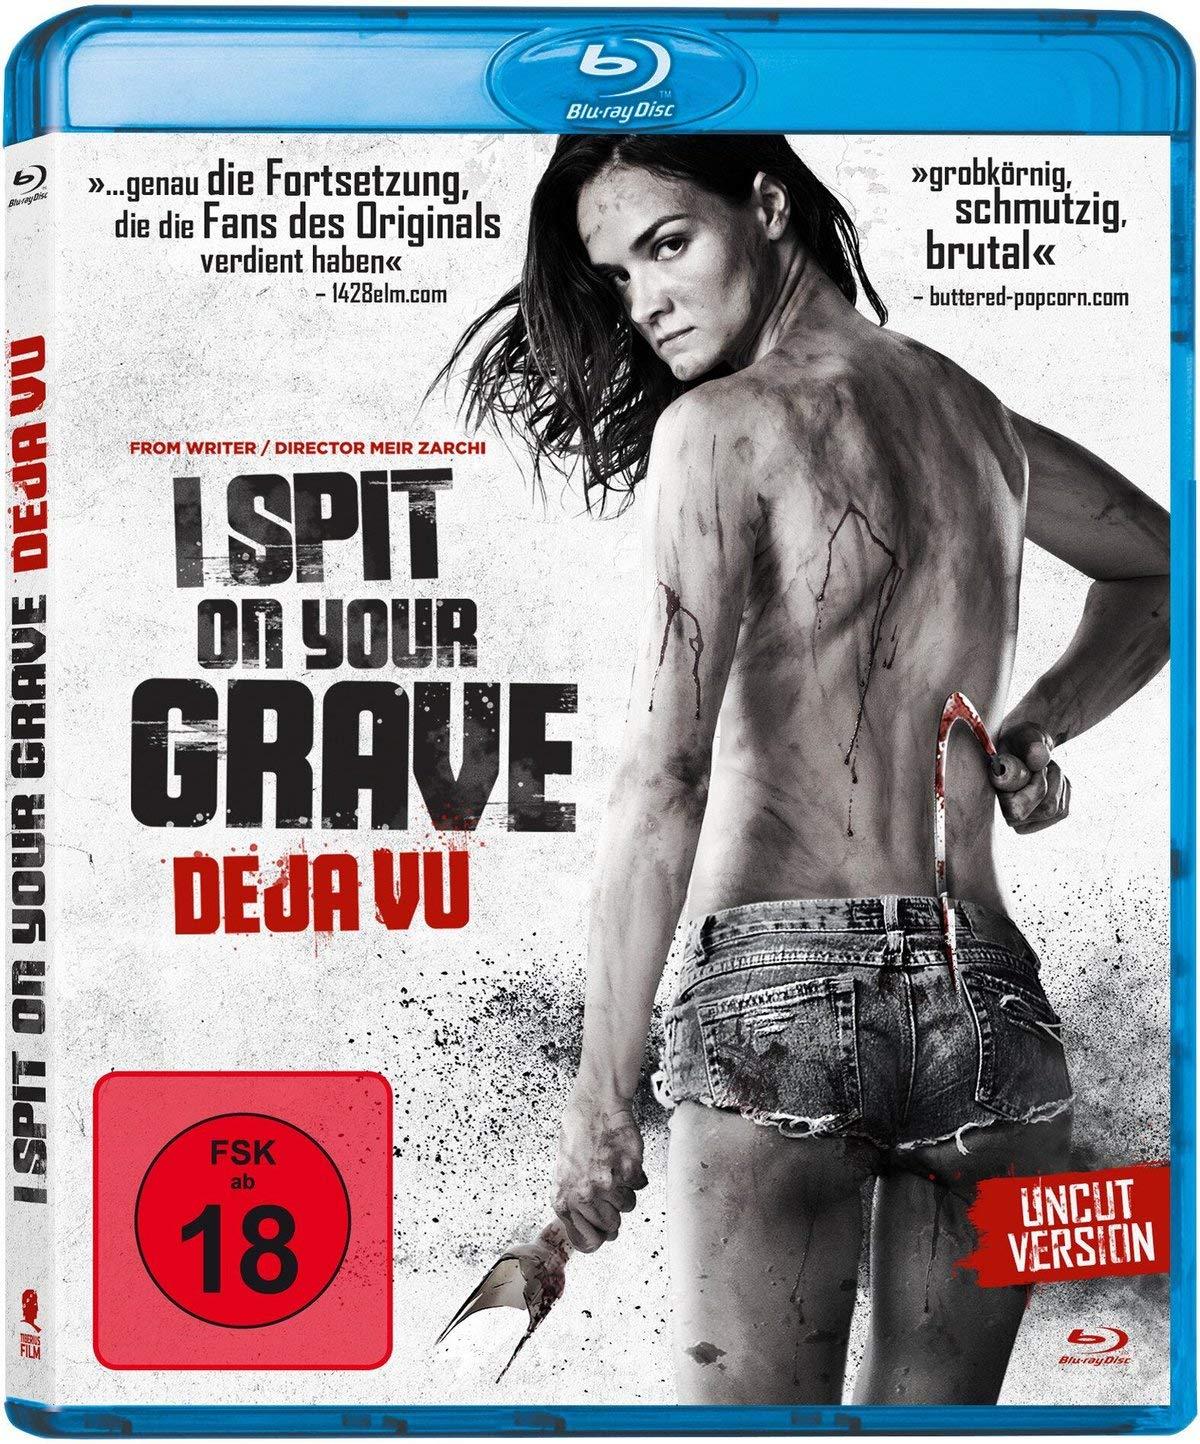 """""""I Spit On Your Grave: Deja Vu"""" erscheint im Oktober uncut mit FSK 18 Freigabe"""